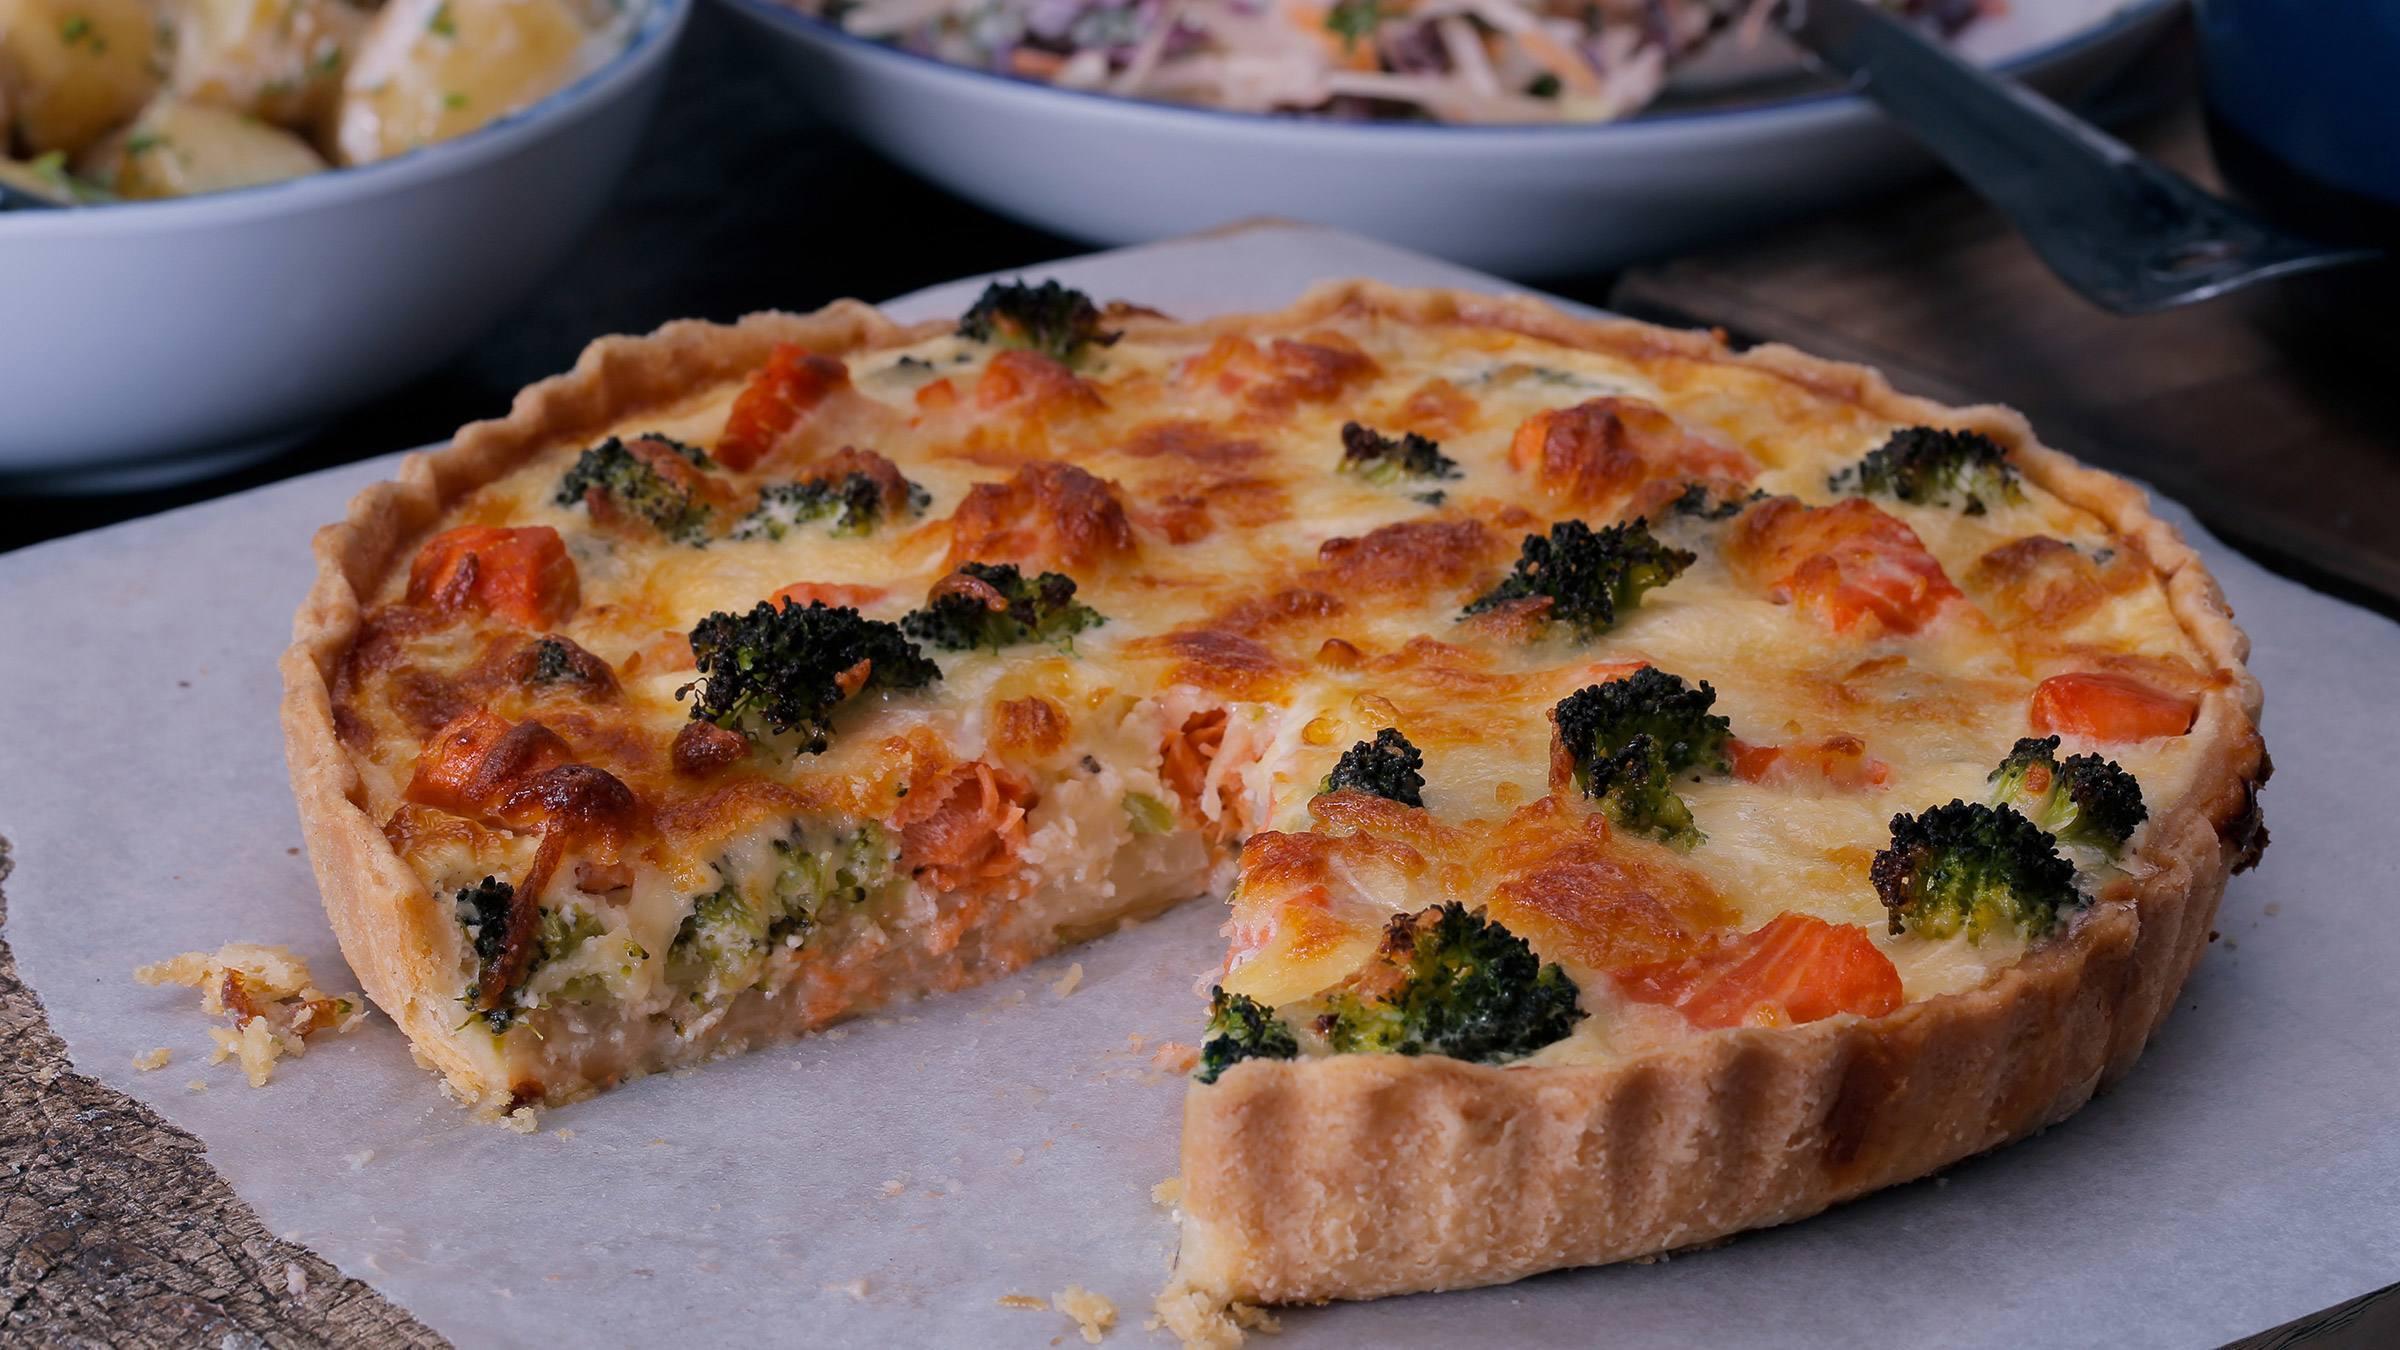 Tarta de salmón y brócoli